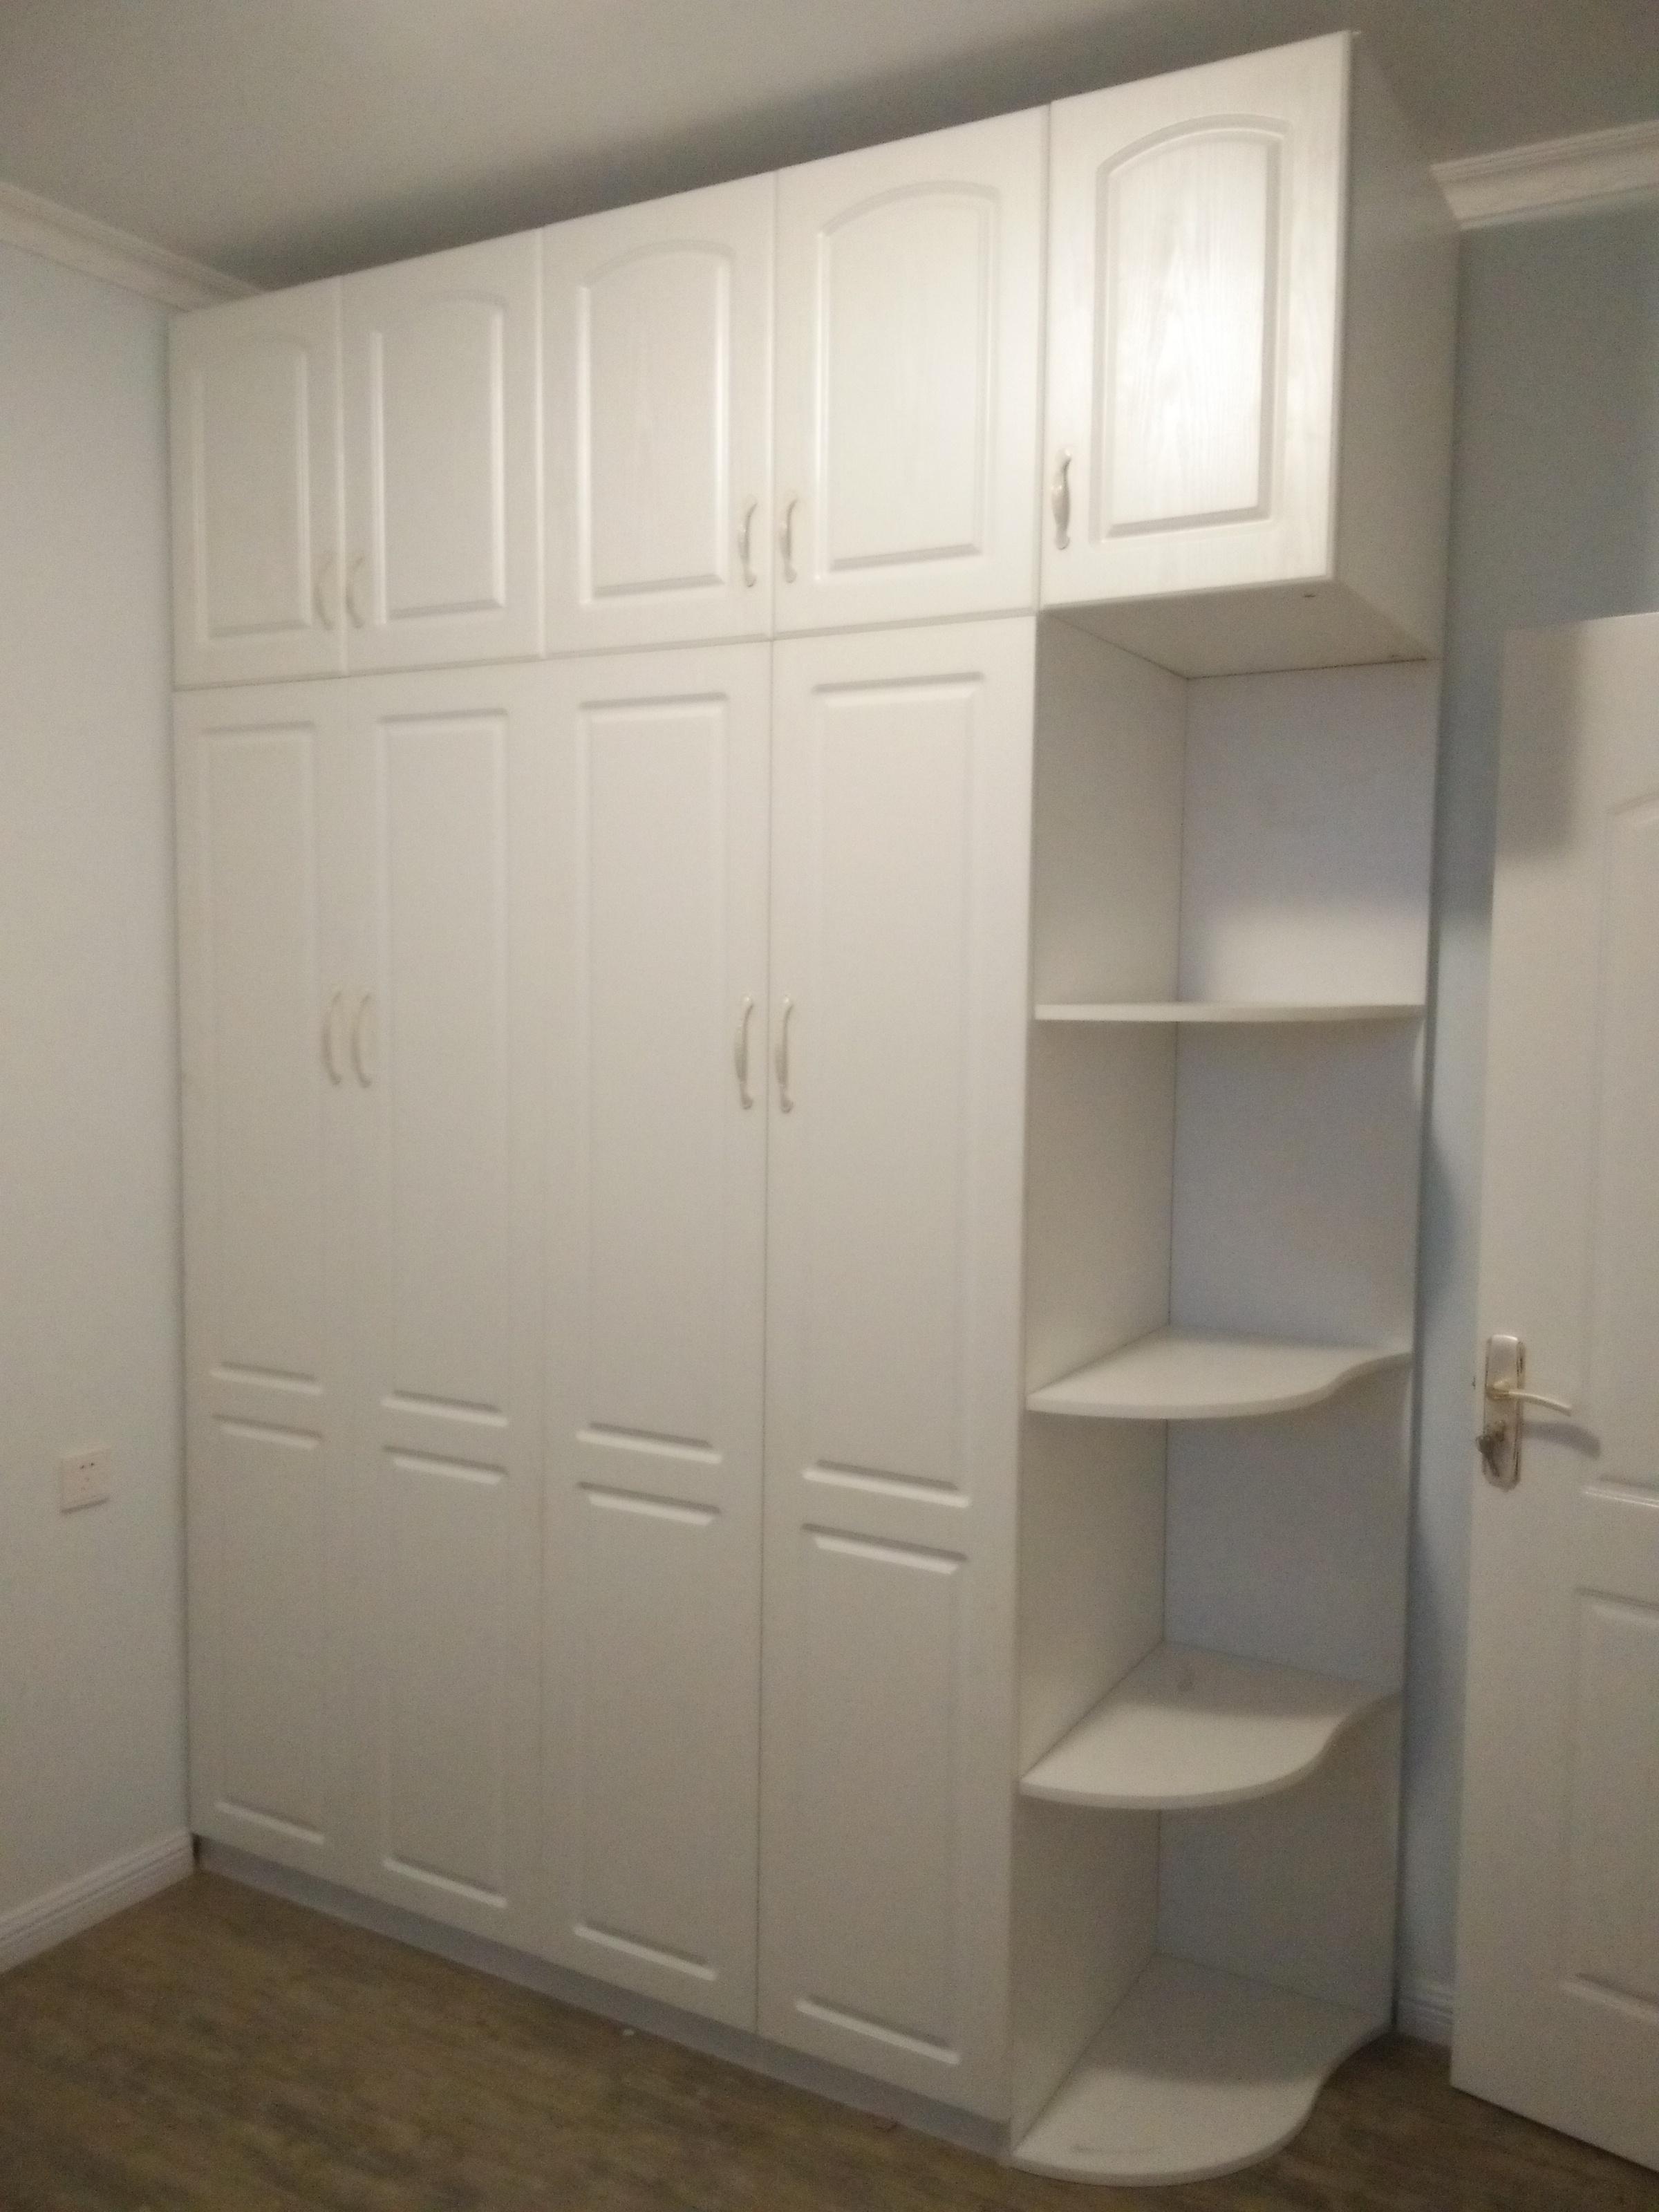 西安专业全屋定制厂家定制衣柜酒柜多层板颜色可选